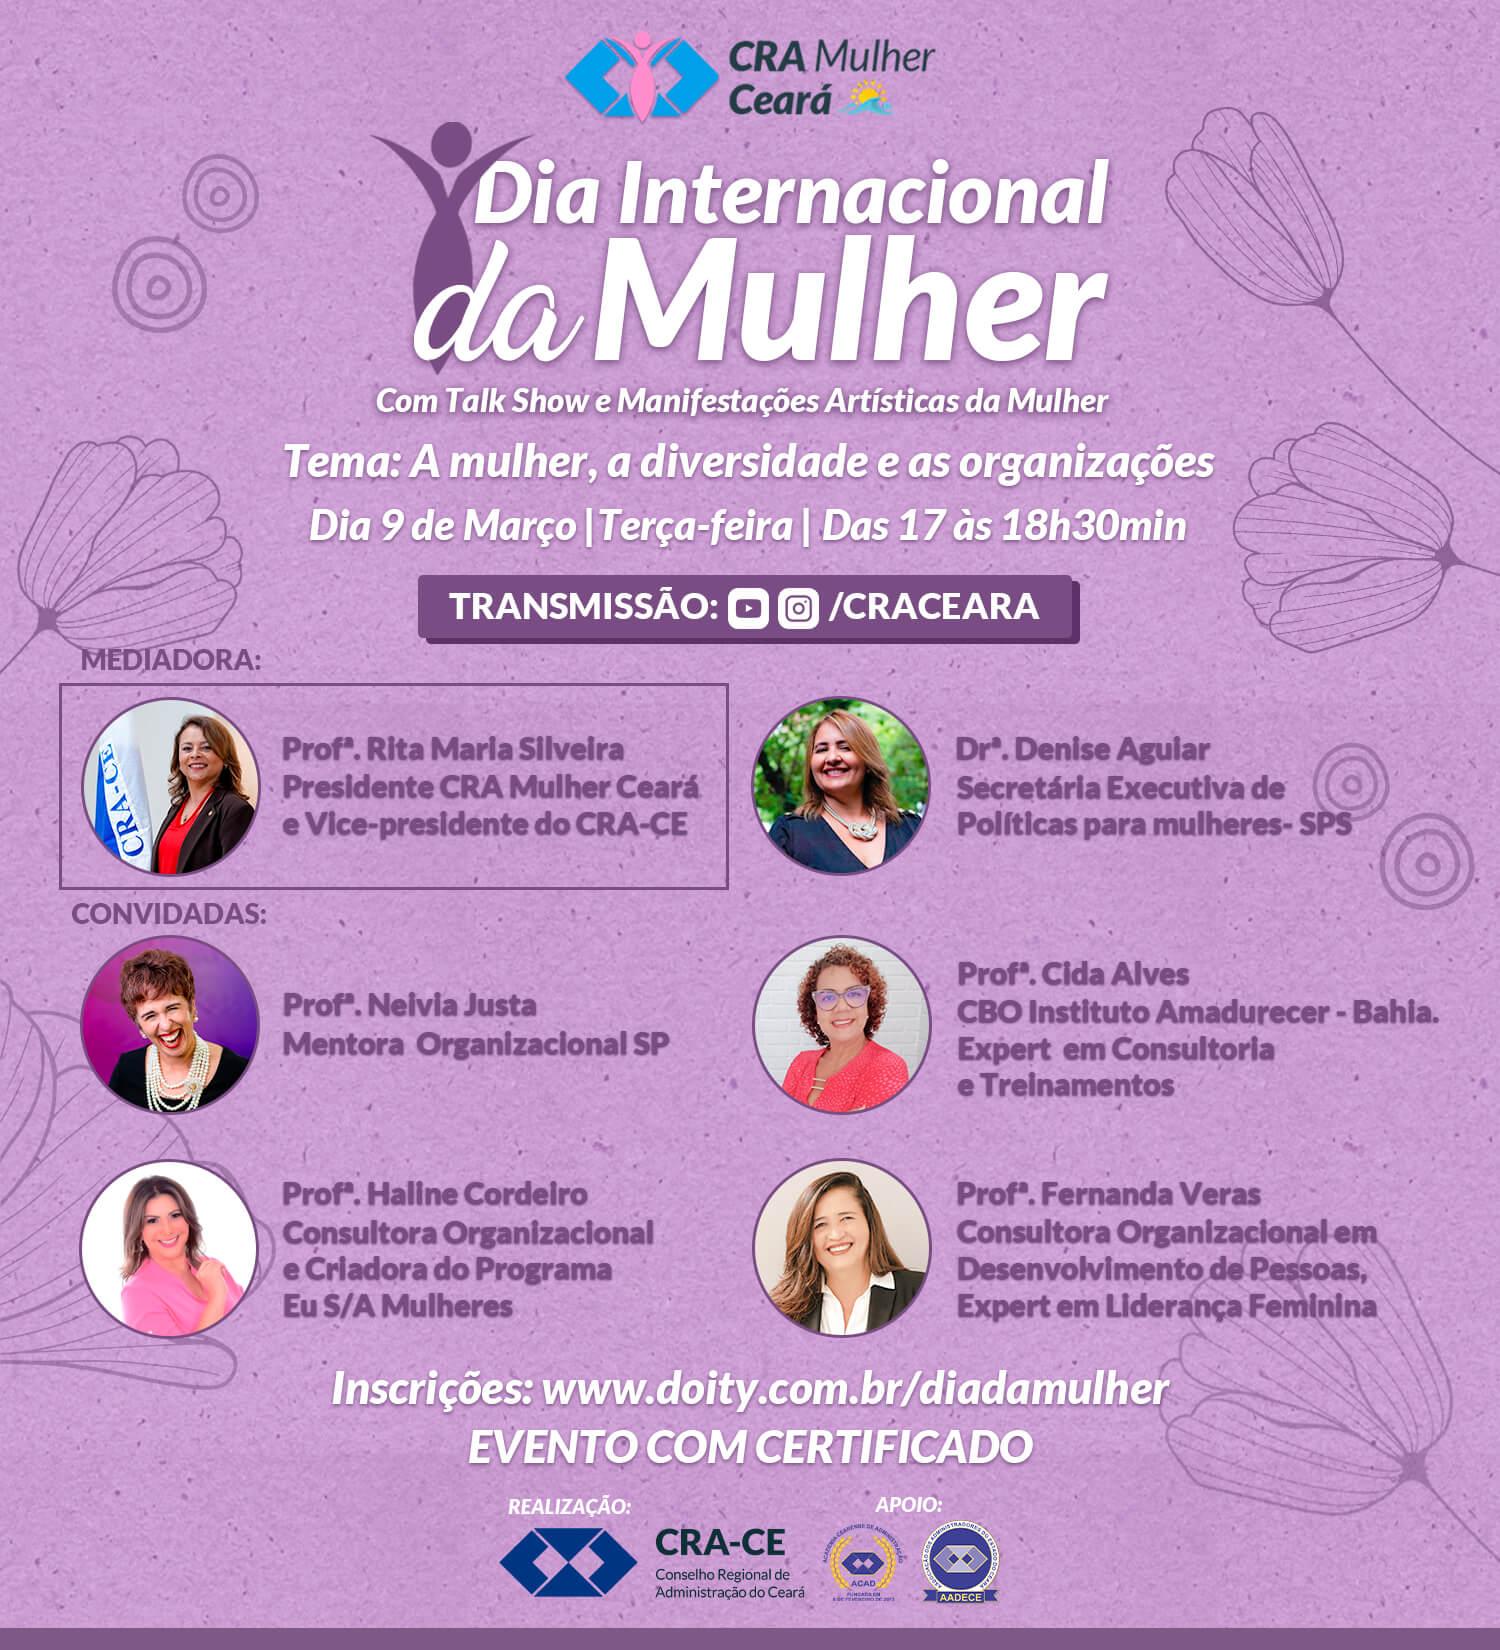 evento-dia-internacional-da-mulher-2021.jpg